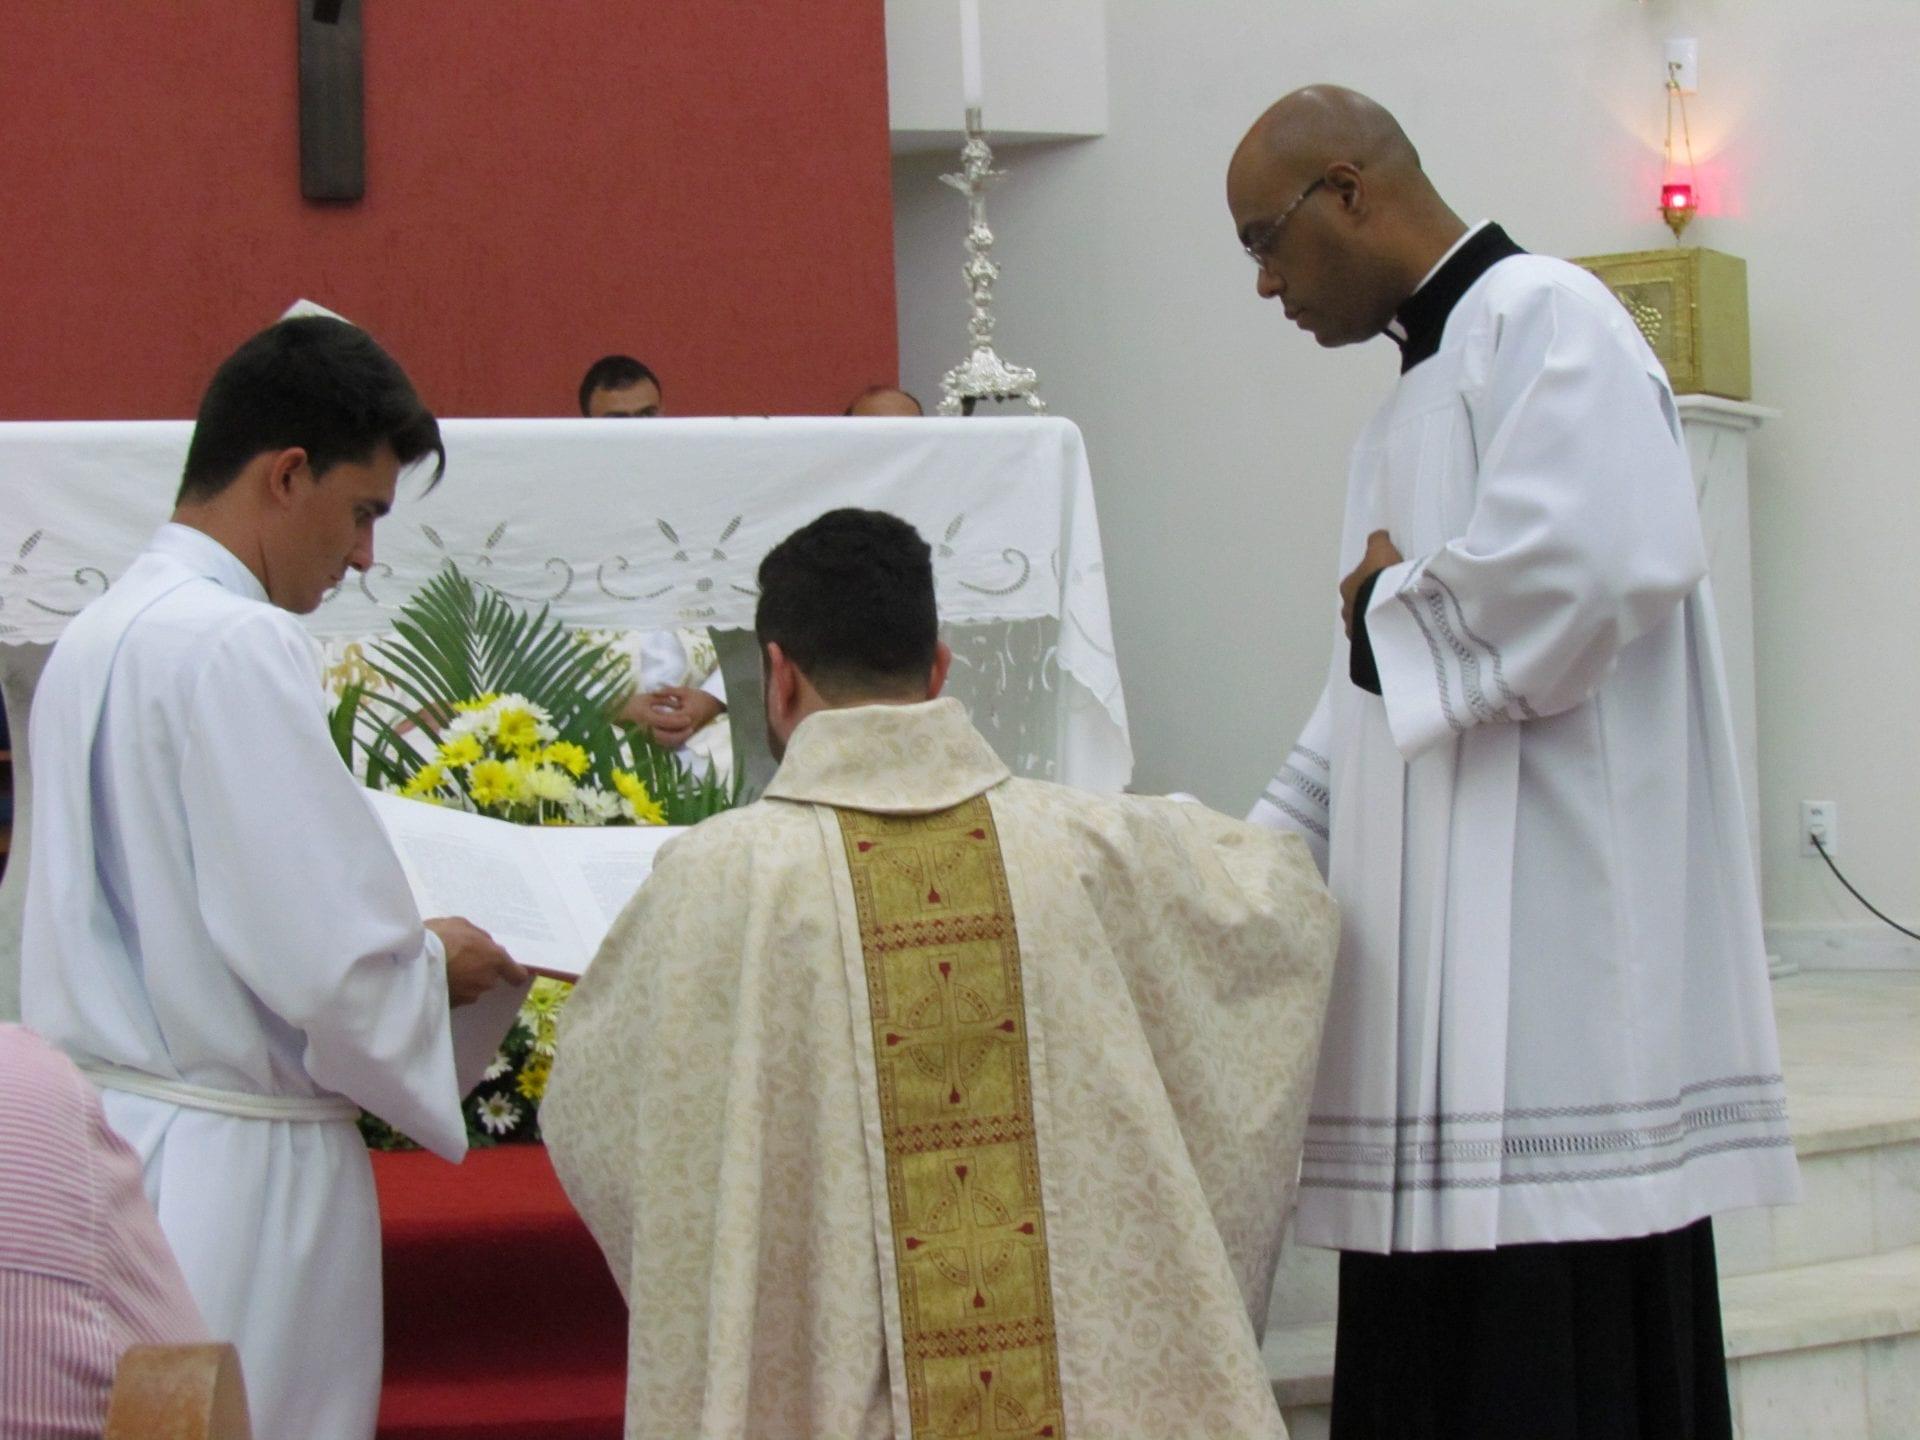 Padre Flávio Lima toma posse na Paróquia São João Batista em Ituêta